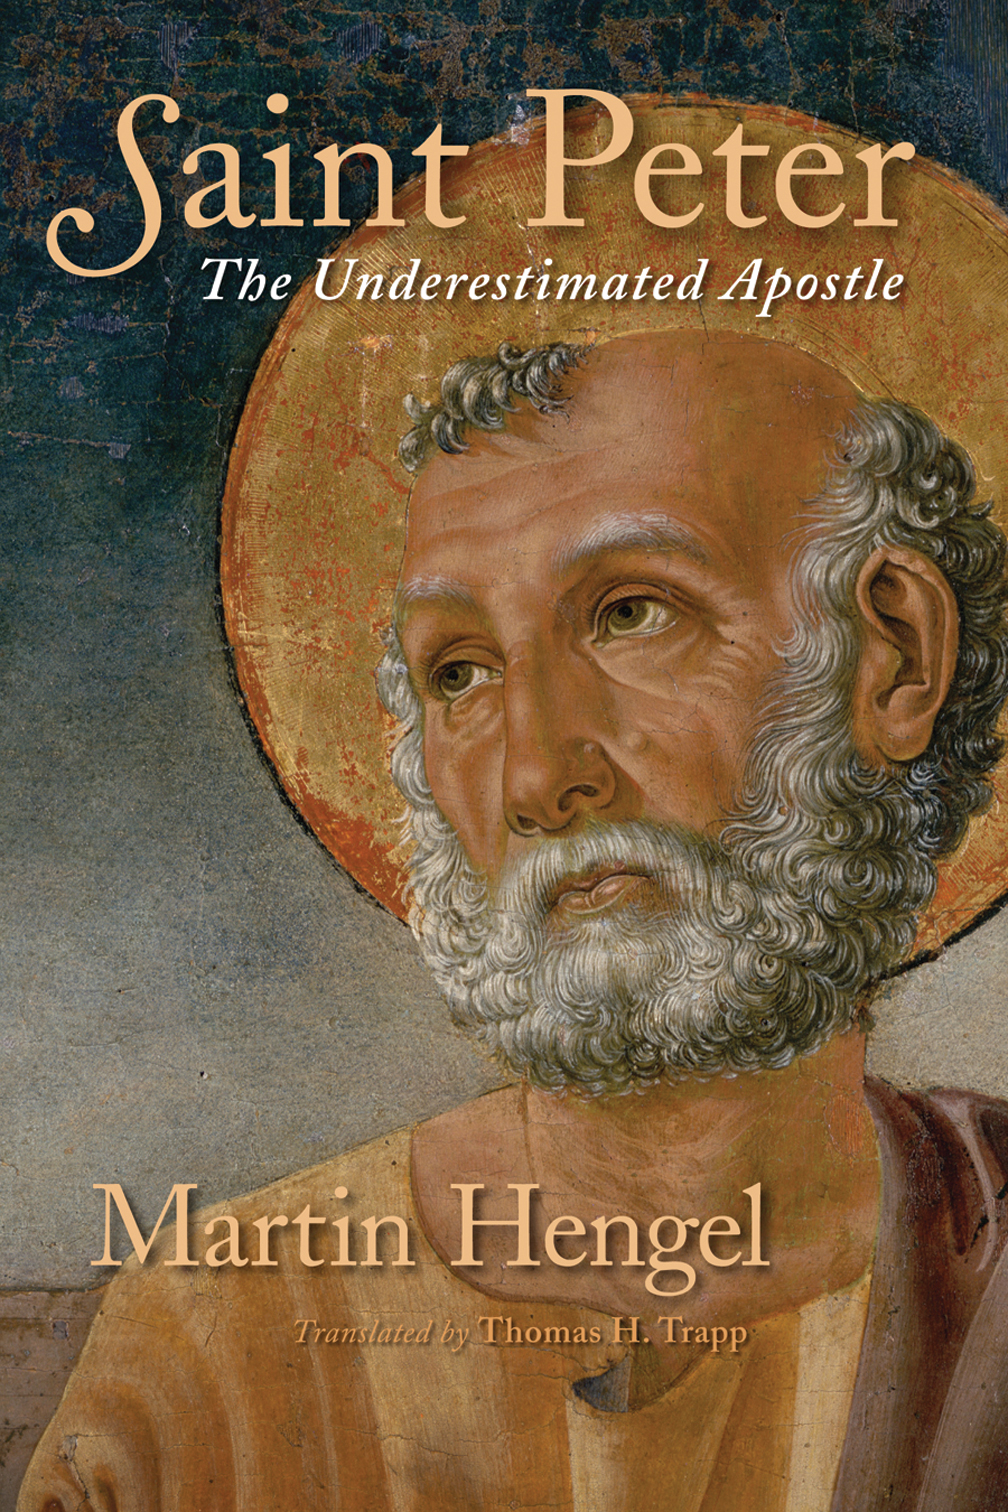 Saint Peter - Martin Hengel : Eerdmans